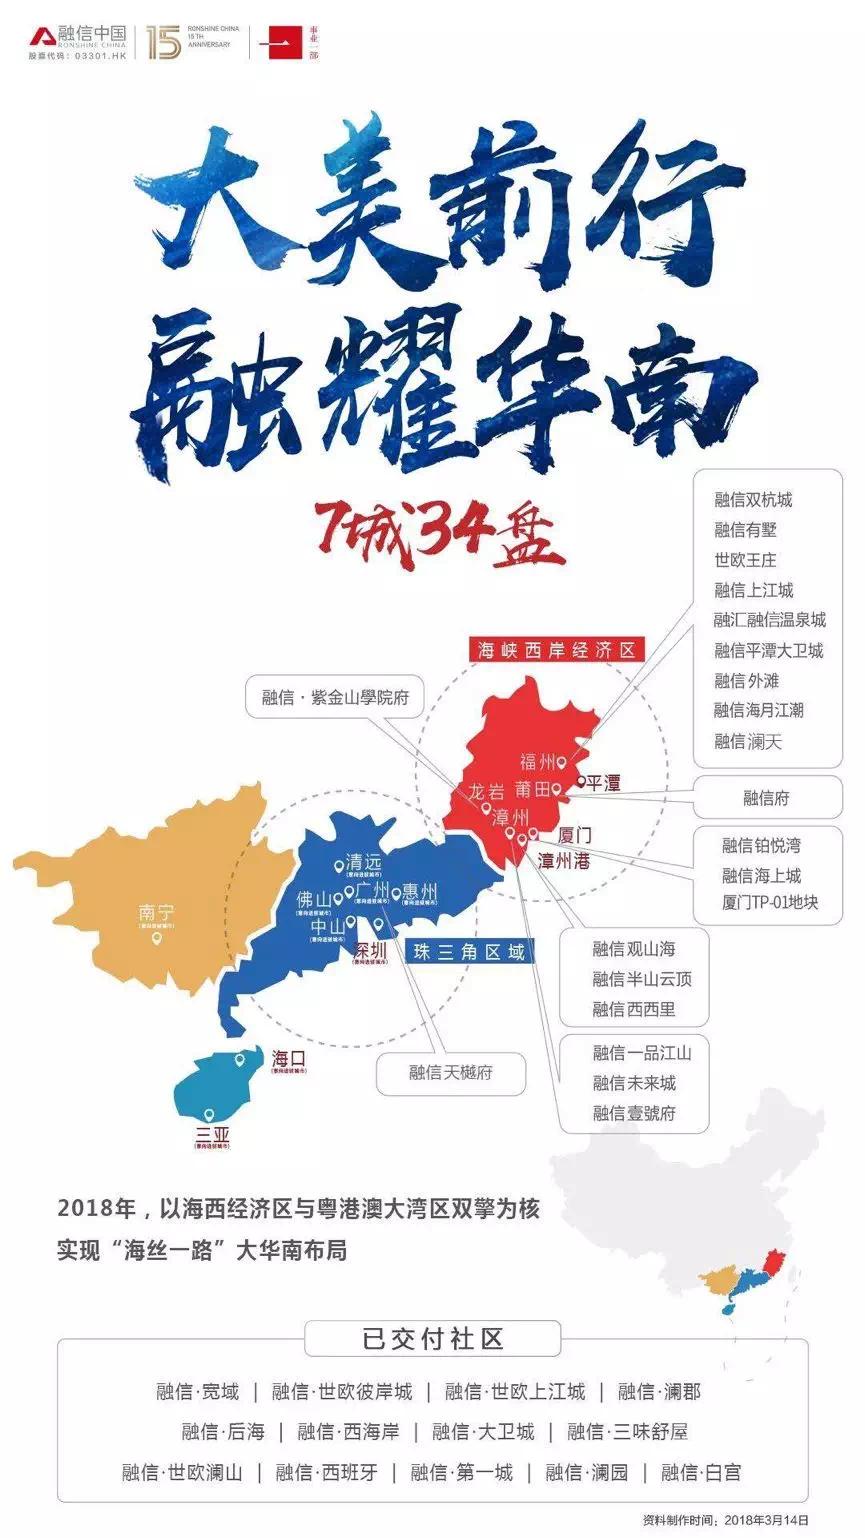 融信·海月江潮获2018中国房地产住宅项目品牌价值TOP10